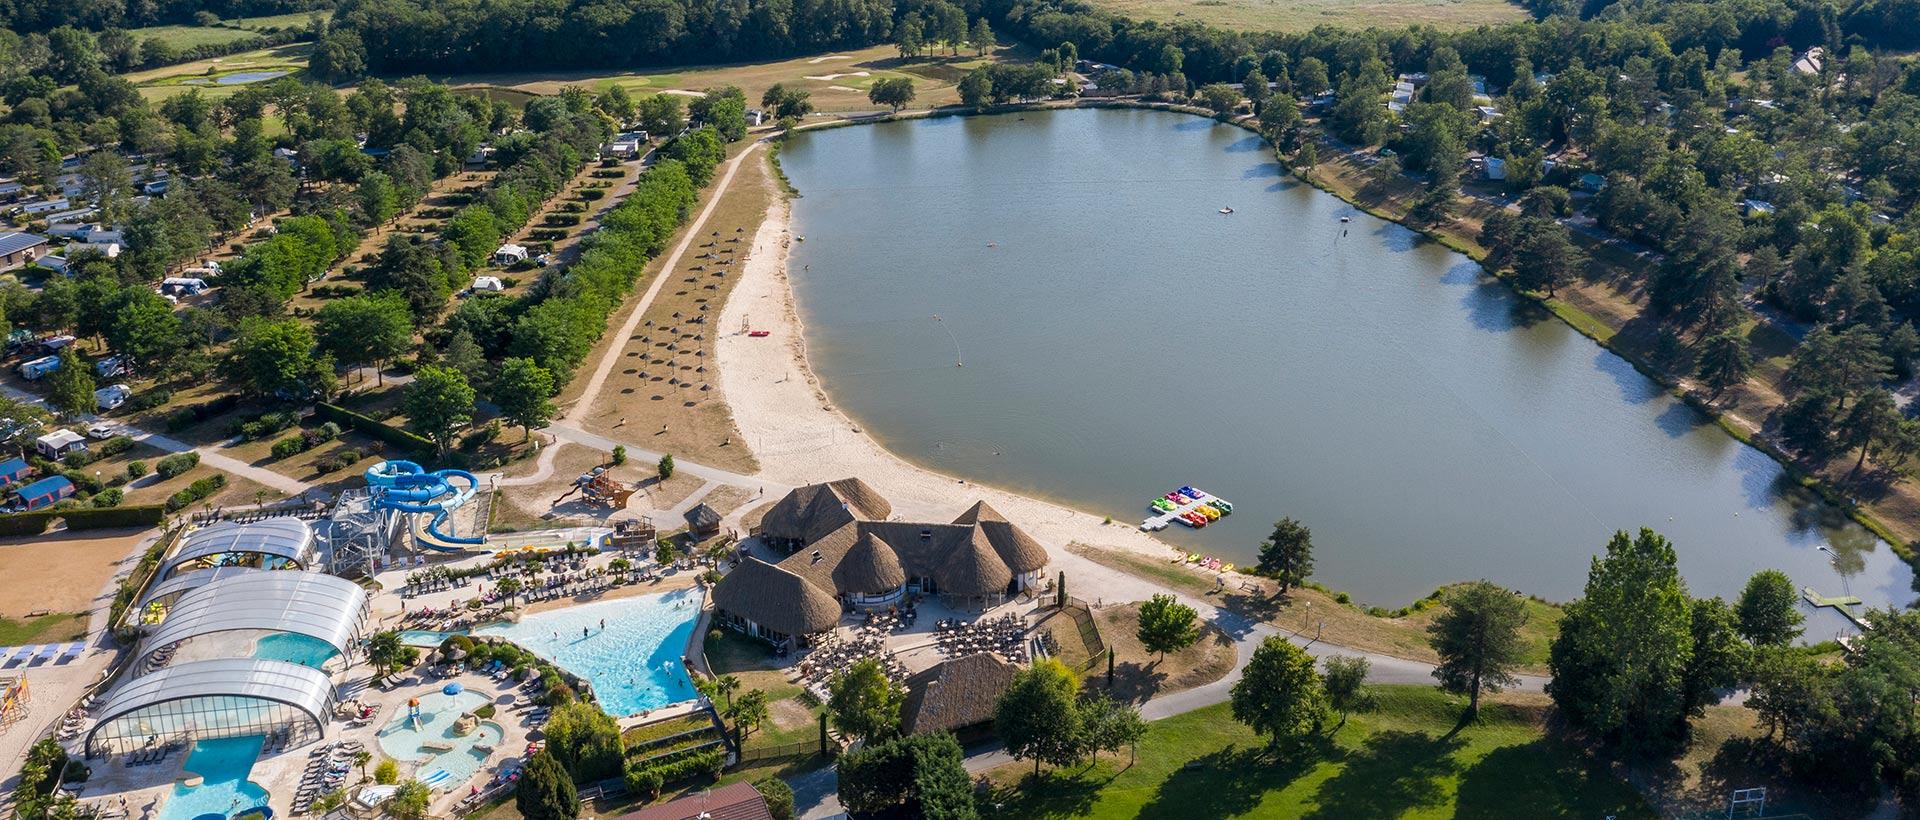 Camping bord de lac